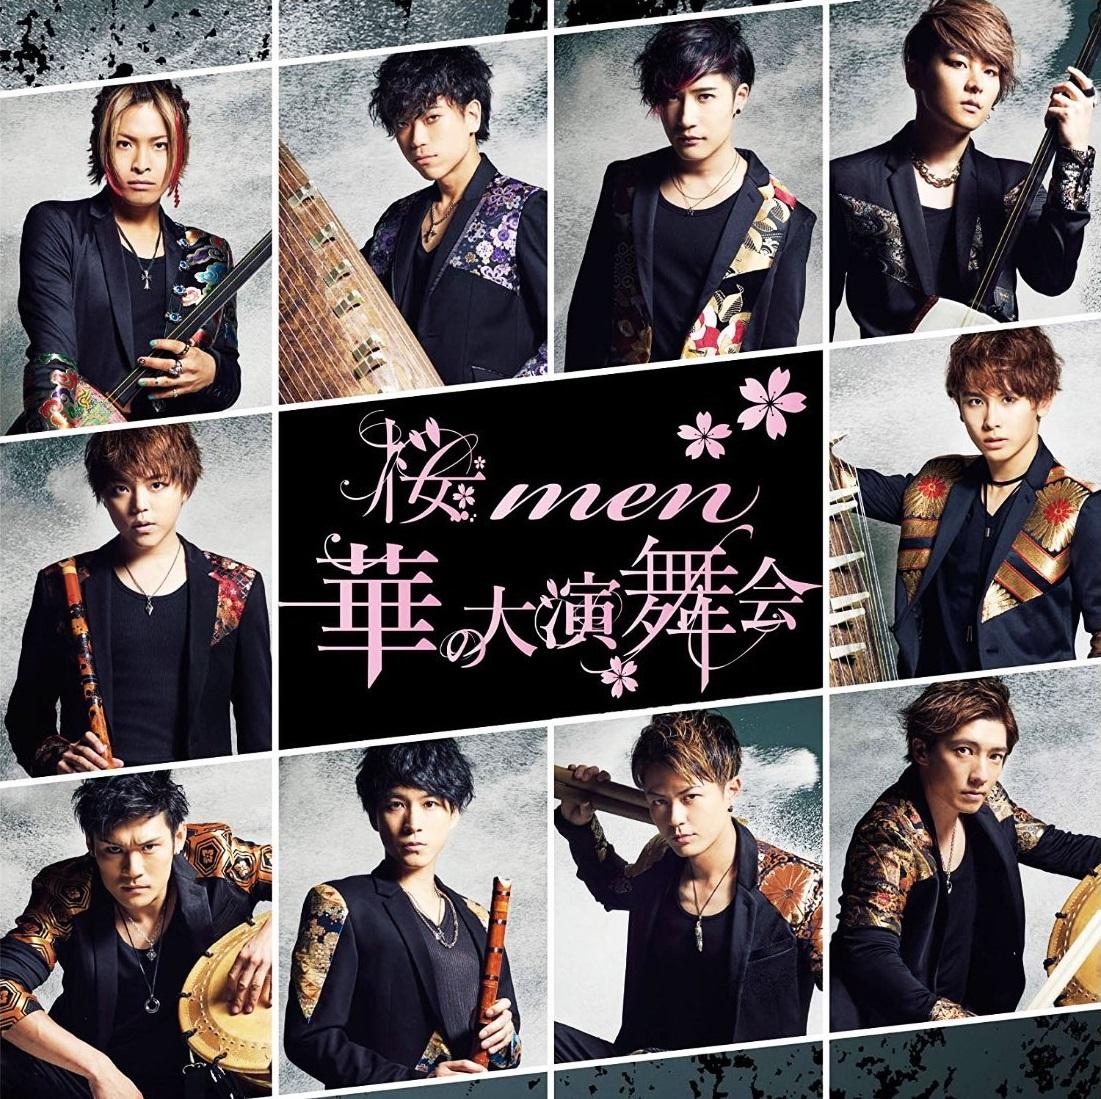 桜men「華の大演舞会」